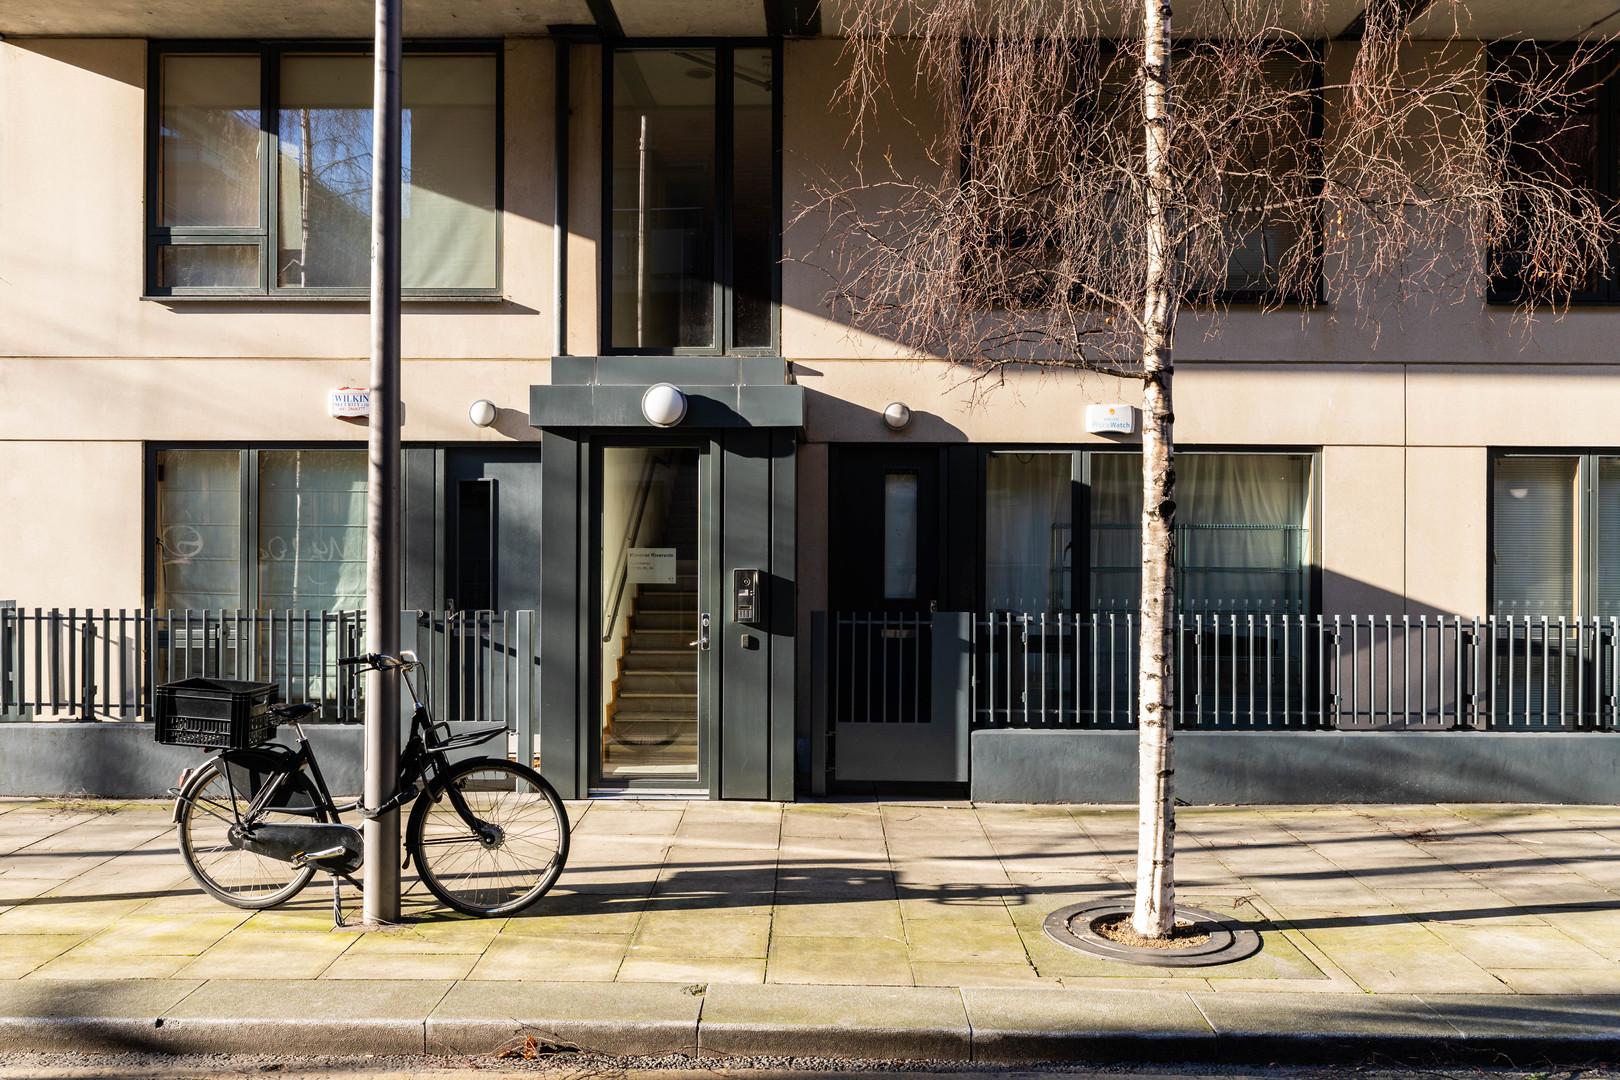 Entrance to apartments of Hanover Quay in Dublin along Asgard Road